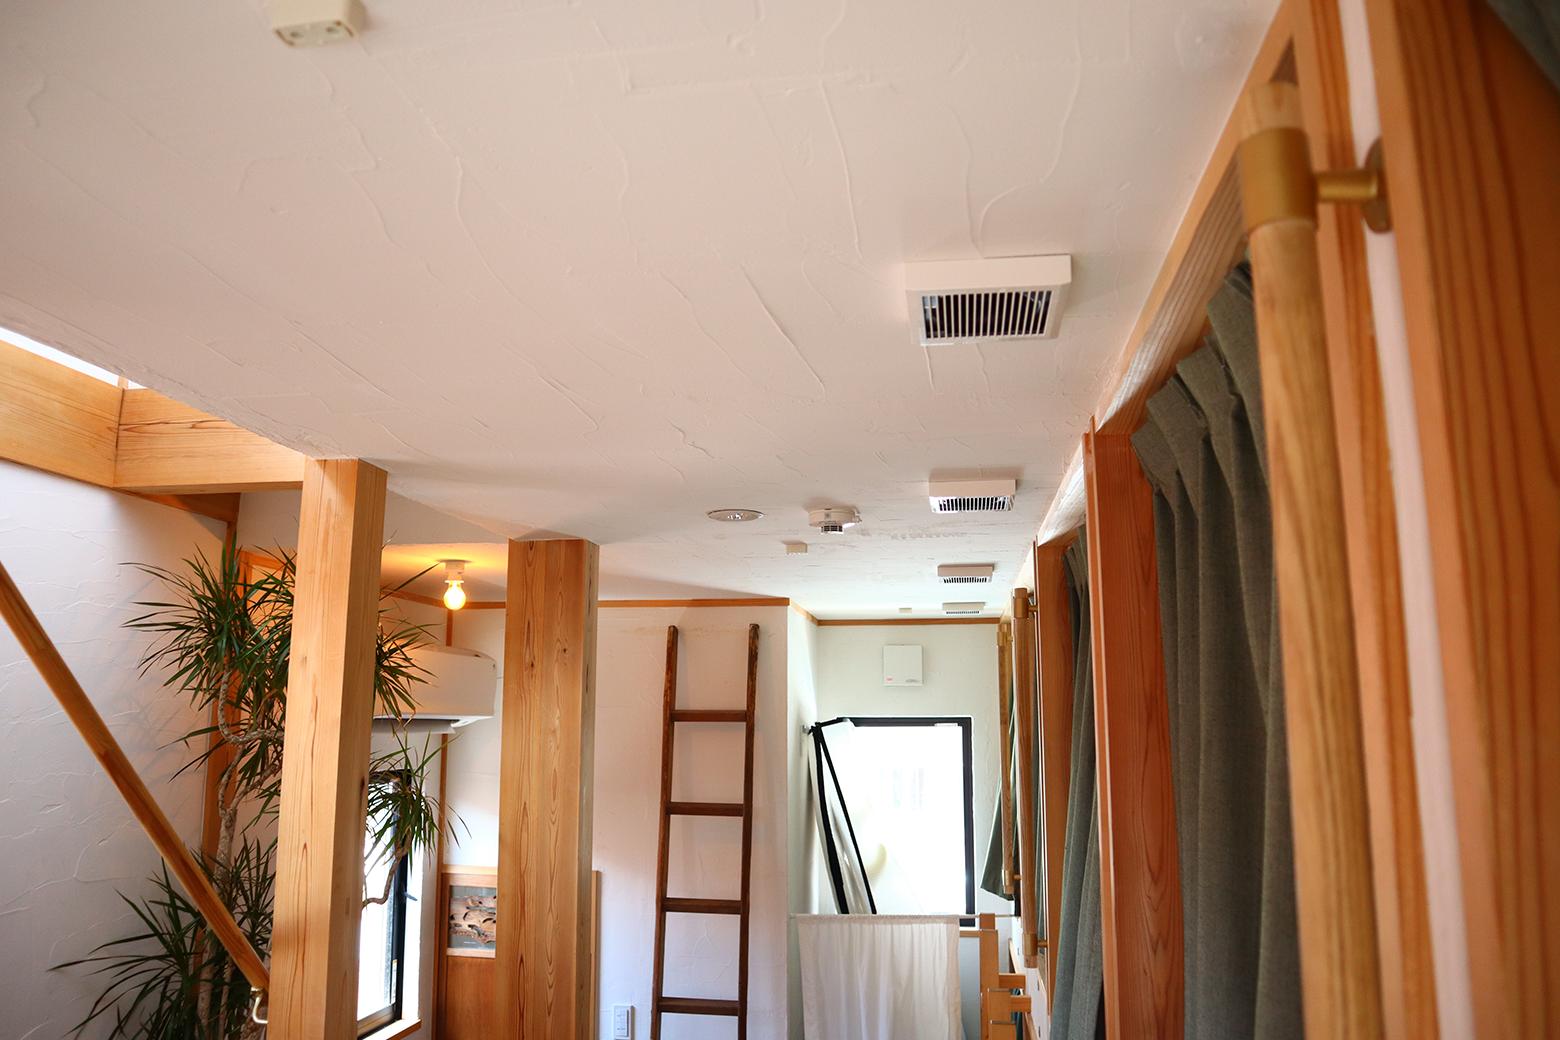 「藤沢市江の島 木賃屋 弥五郎様」の施工実績を公開しました。